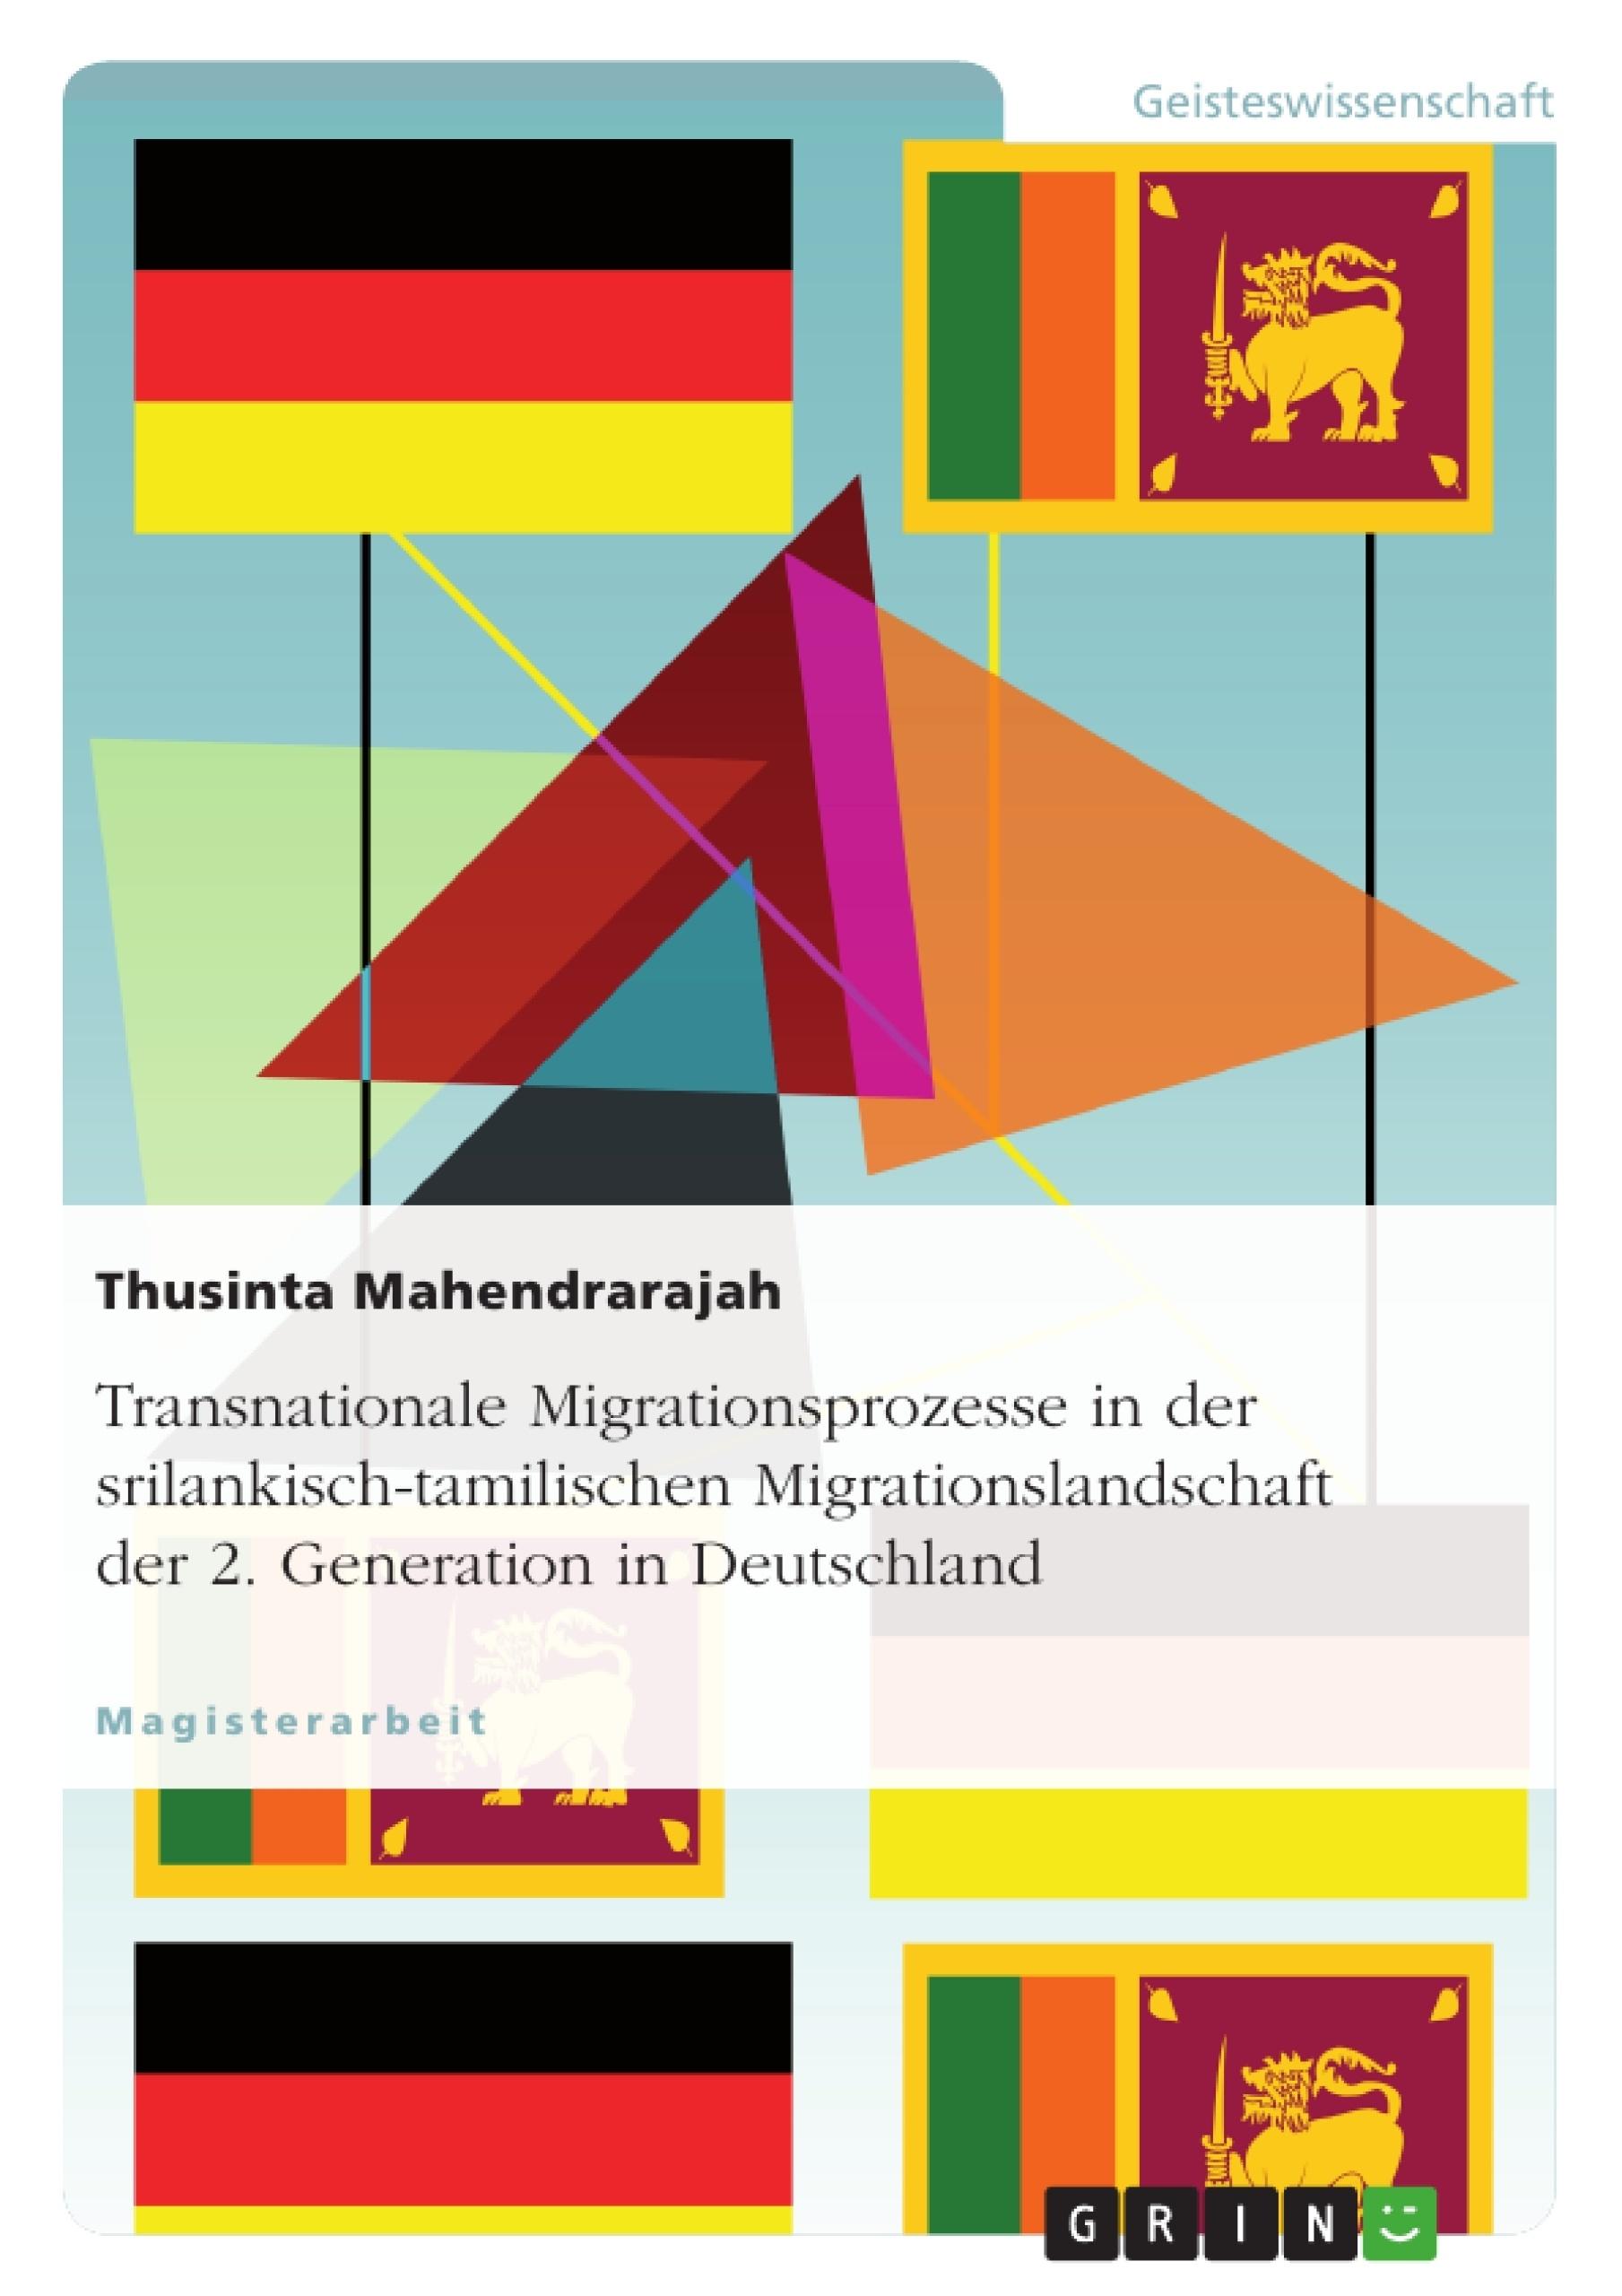 Titel: Transnationale Migrationsprozesse in der srilankisch-tamilischen Migrationslandschaft der 2. Generation in Deutschland